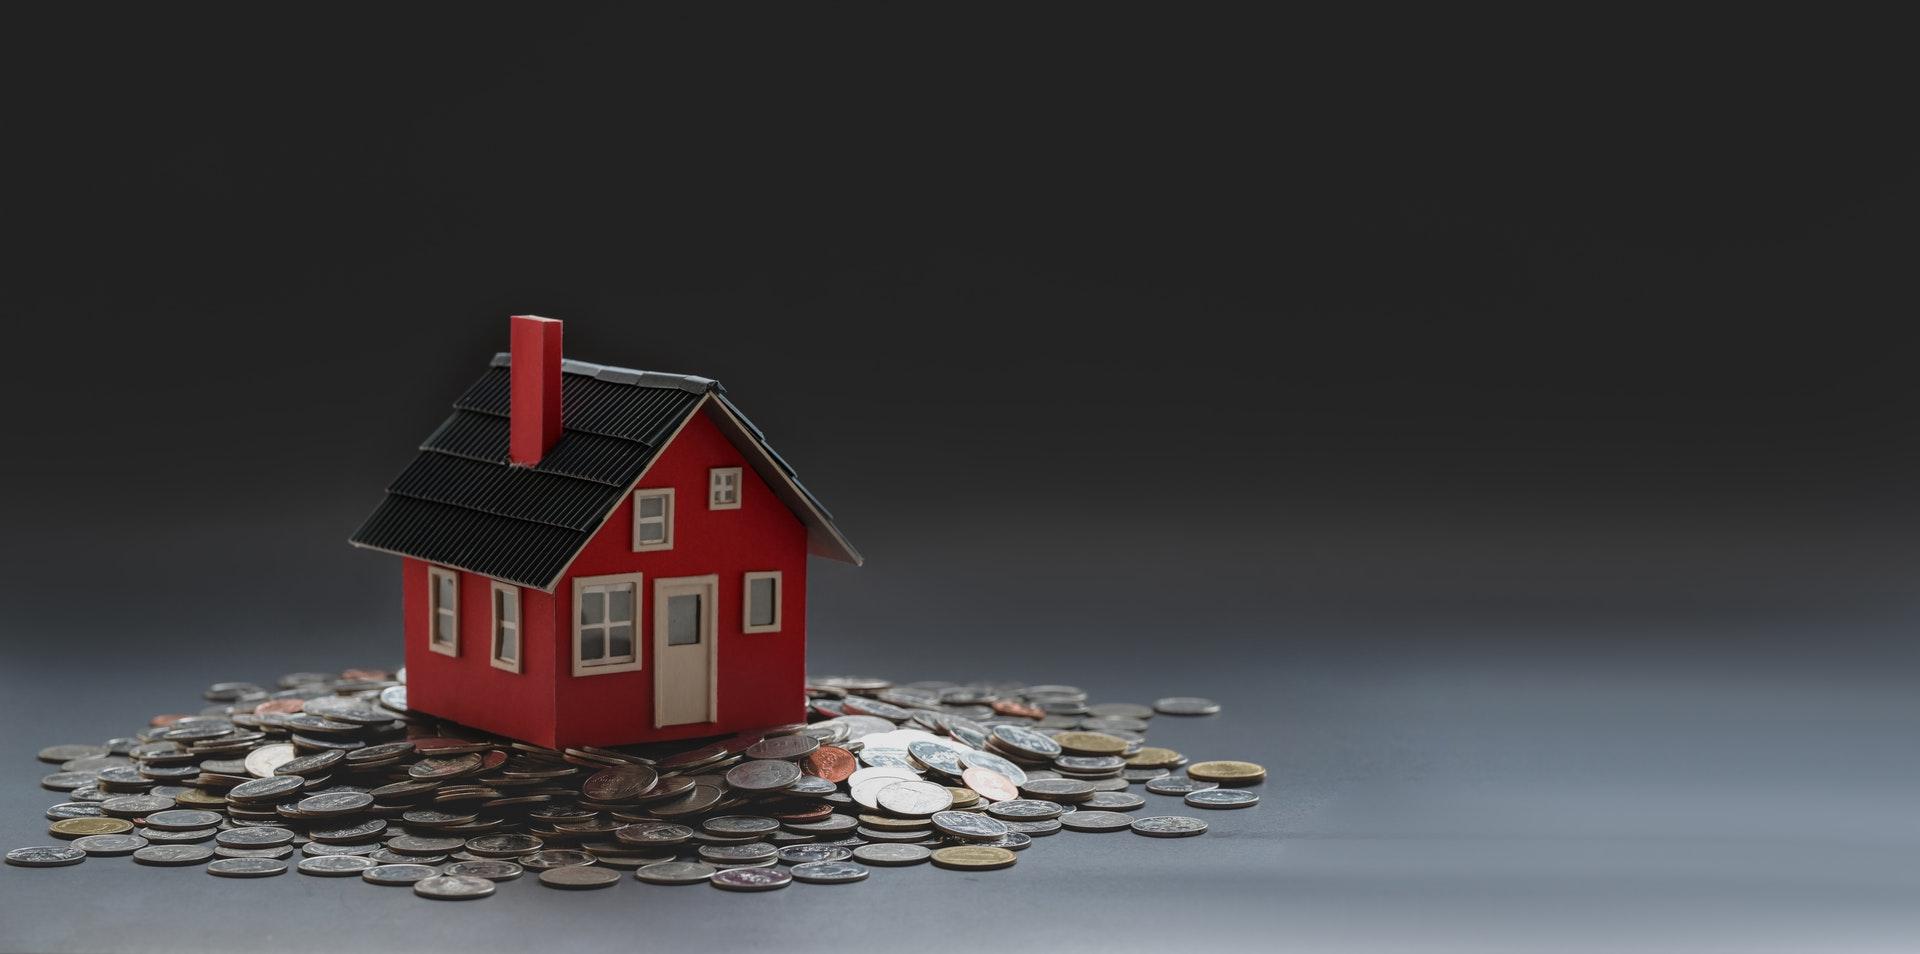 Casa sobre monedas